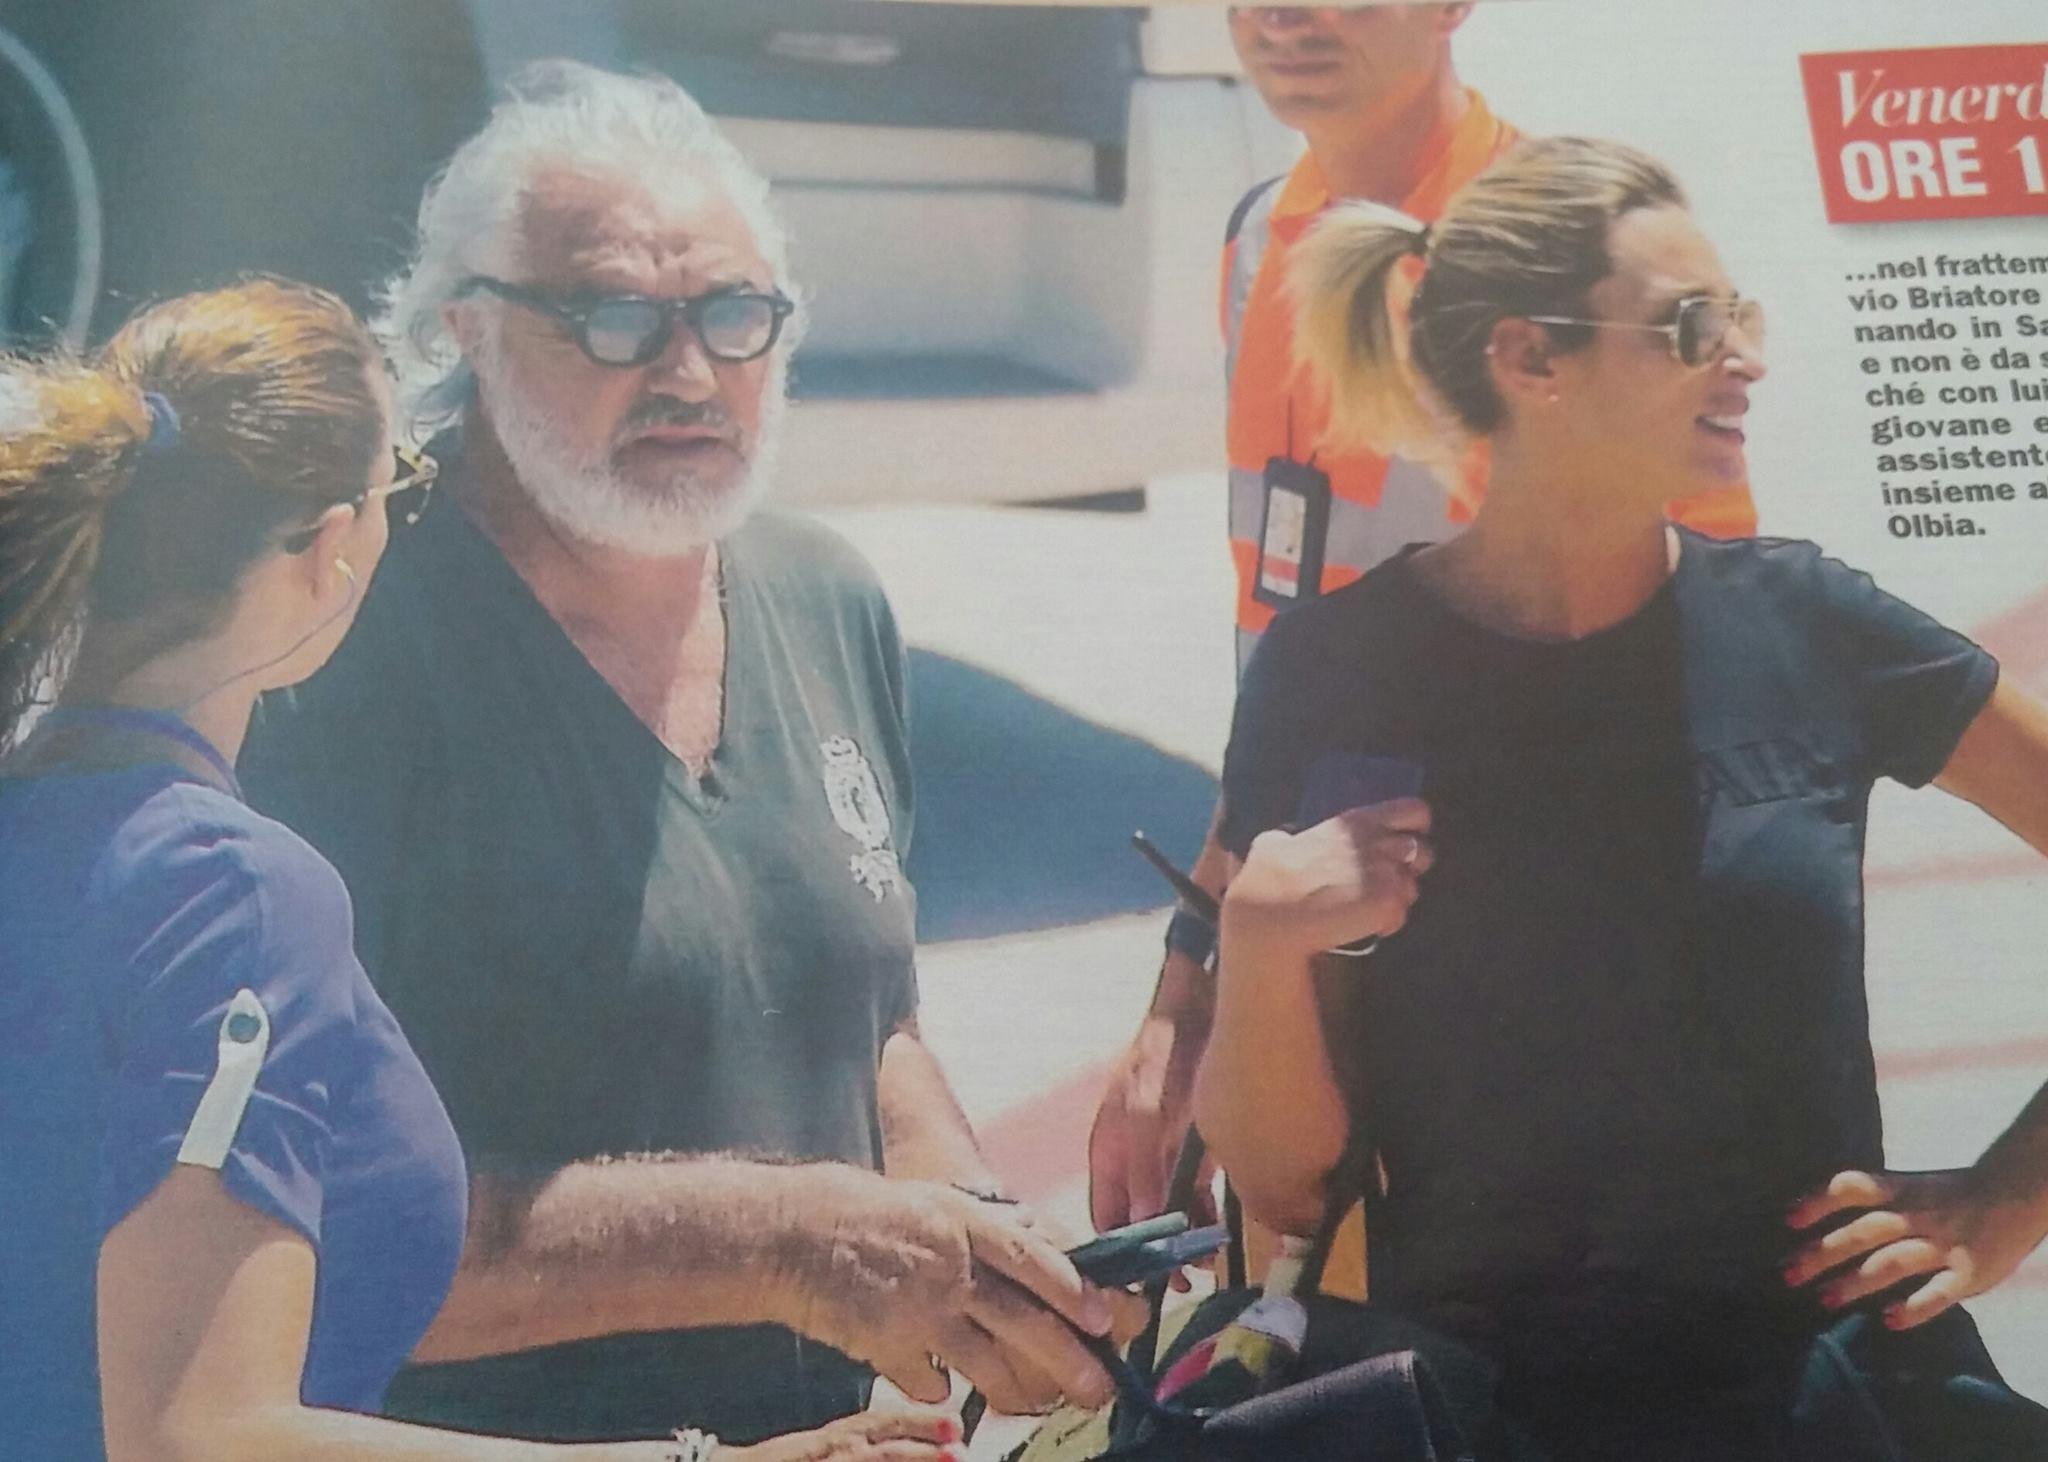 Flavio Briatore e Elisabetta Gregoraci in crisi: lui sempre solo al Billionaire